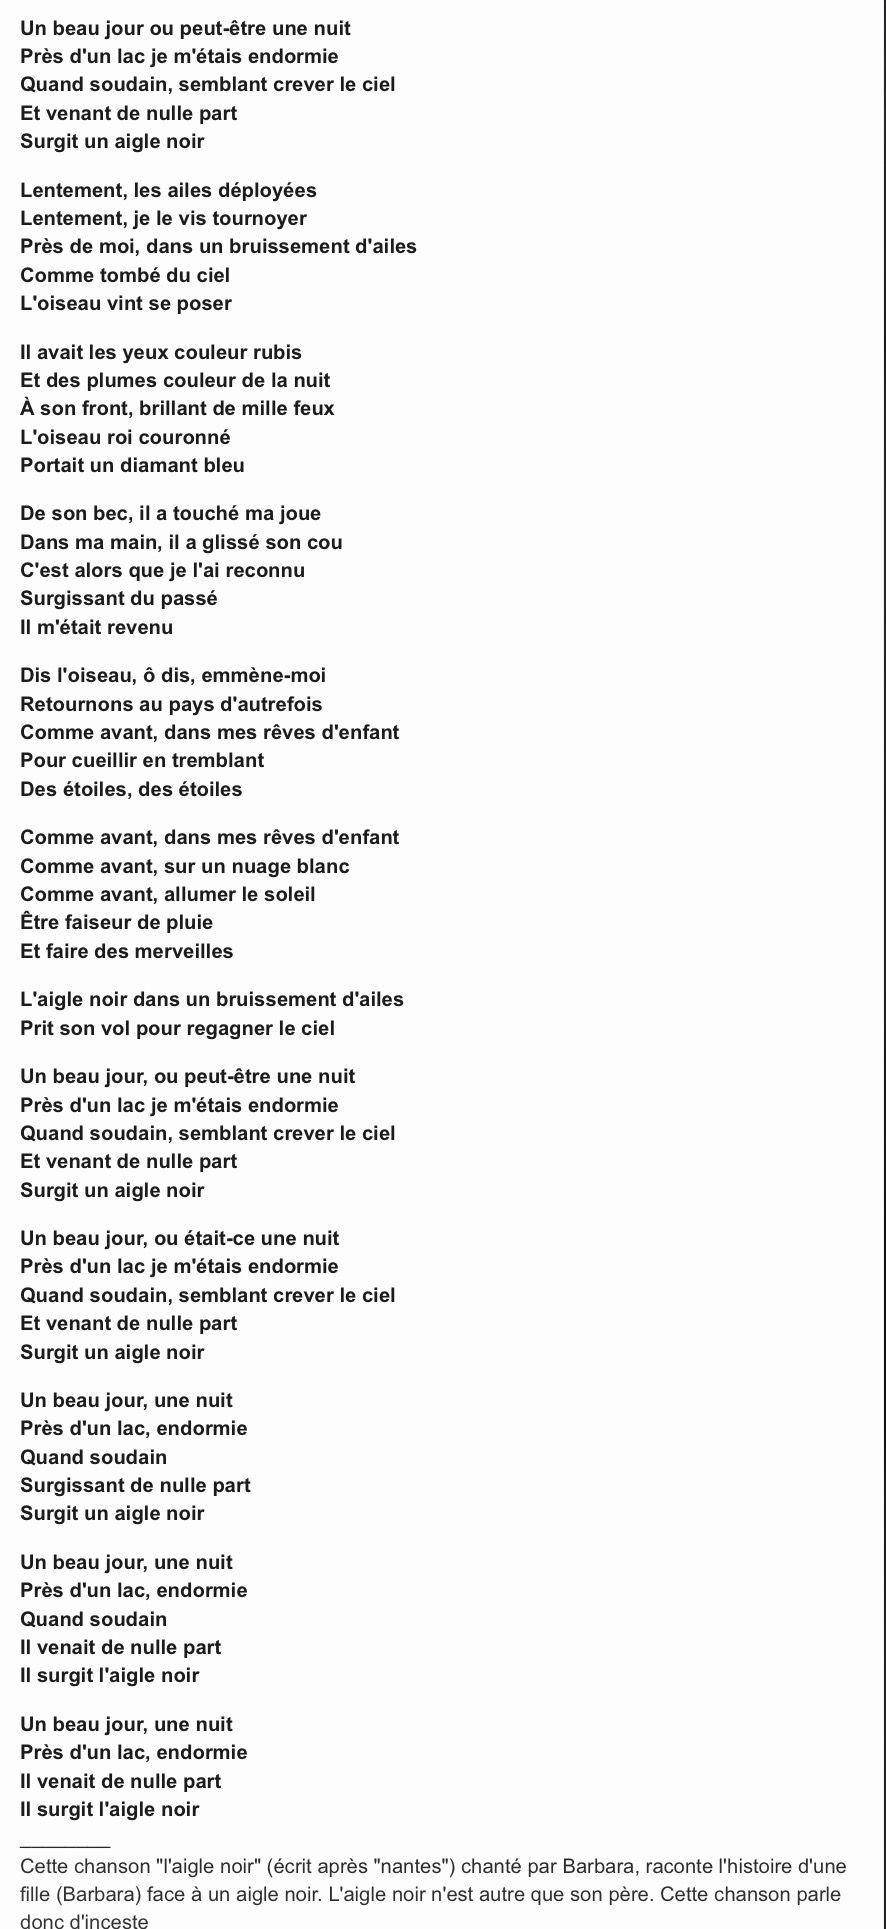 Faible Noir Script chanson Lyrique Citation Imprimé